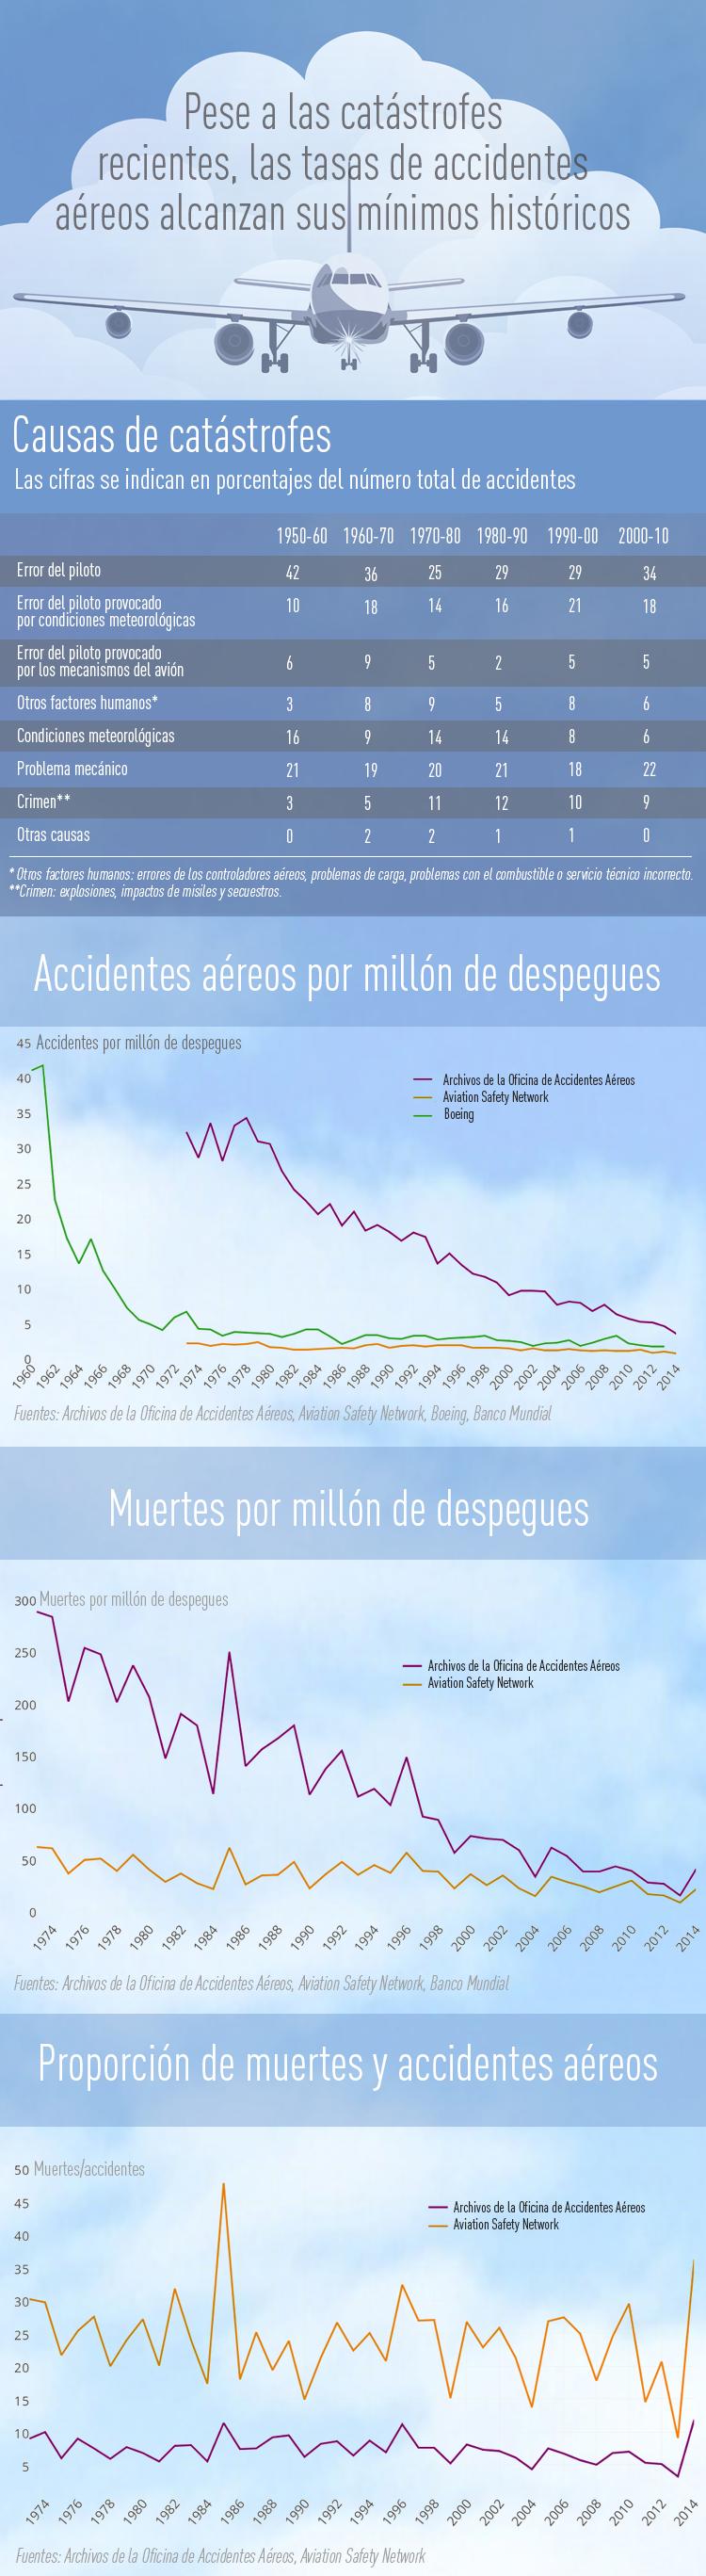 Las tasas de accidentes aéreos consiguen sus mínimos históricos